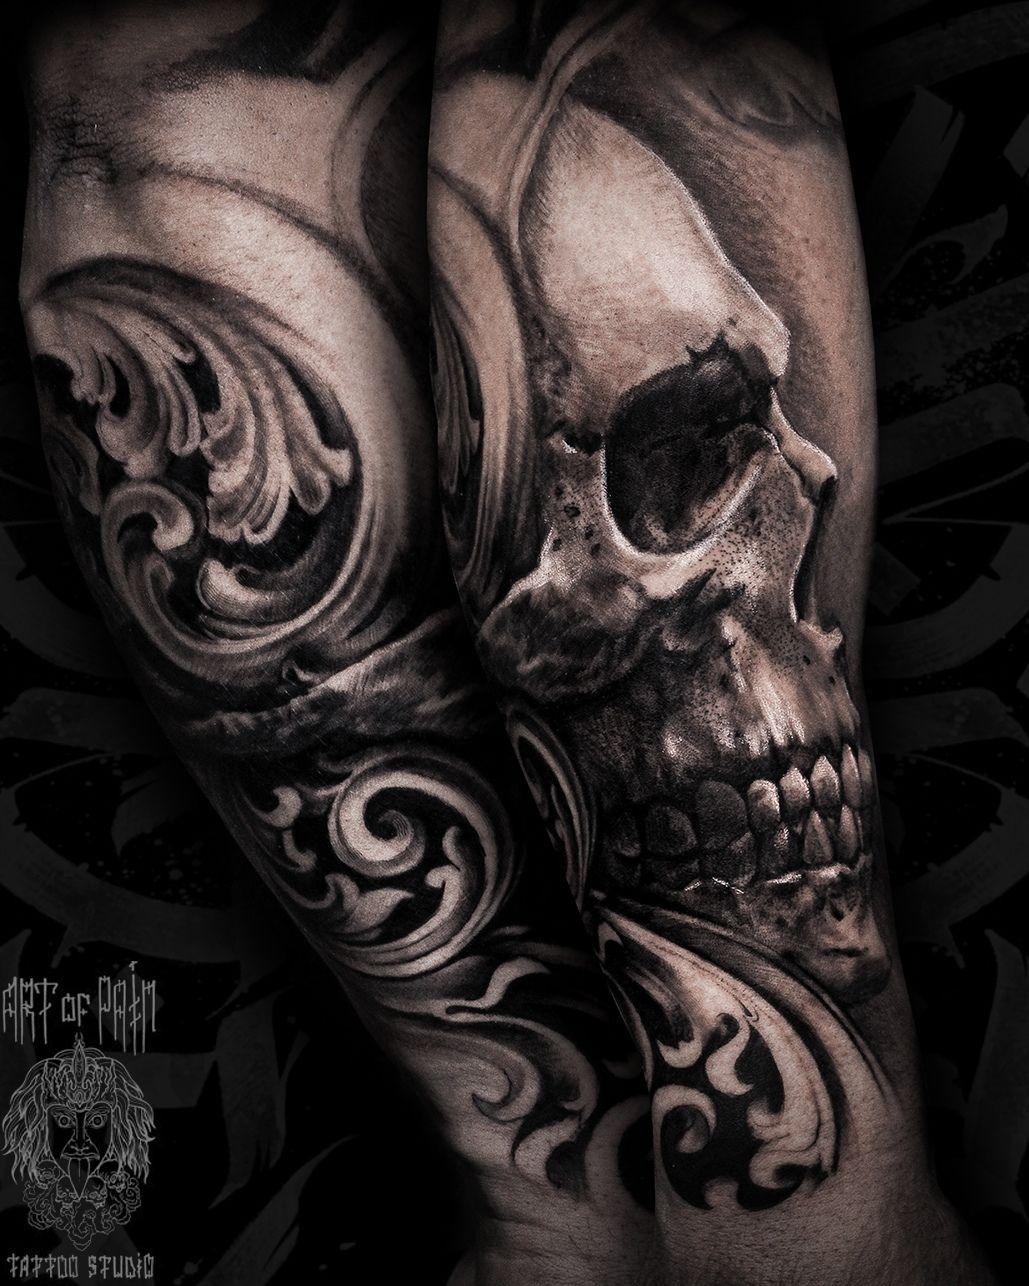 Татуировка мужская black&grey на предплечье череп и узоры – Мастер тату: Слава Tech Lunatic